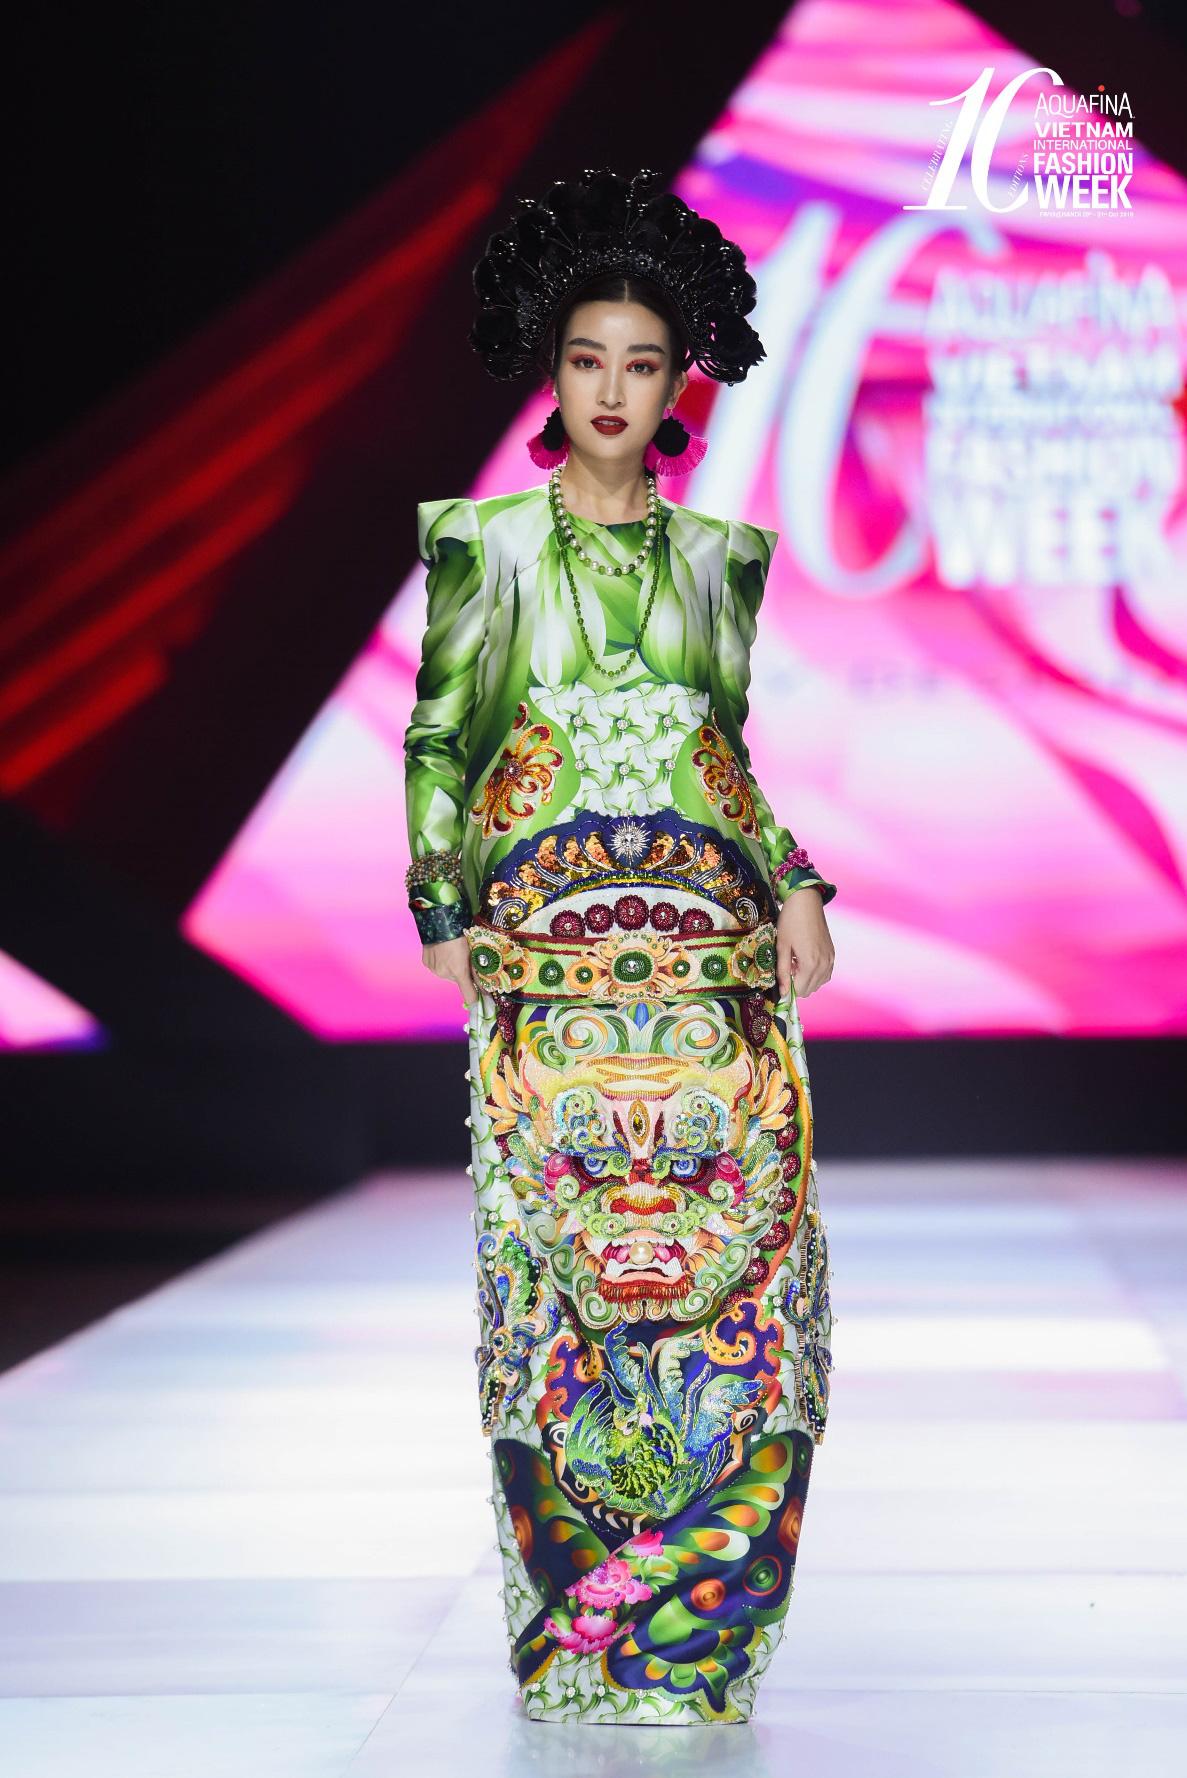 """Điểm sáng khiến giới mộ điệu """"trầm trồ"""" tại Tuần lễ Thời trang Quốc tế Việt Nam 2019 - Ảnh 4."""